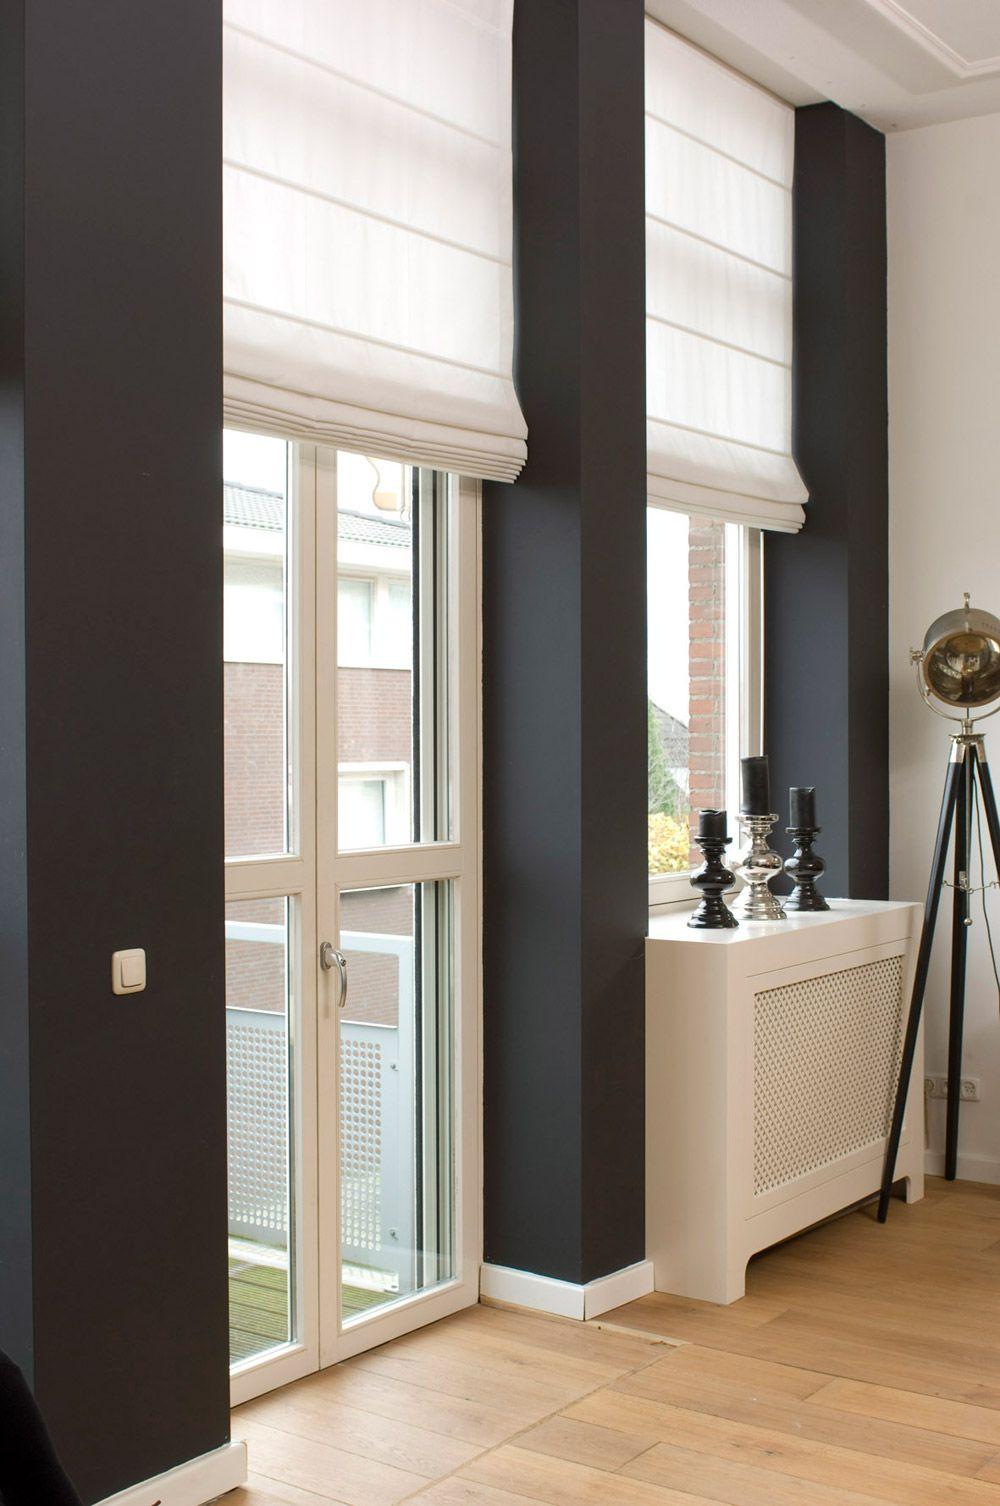 VOUWGORDIJNEN - Druten - Veenendaal - Tiel - Colors@Home Theja ...